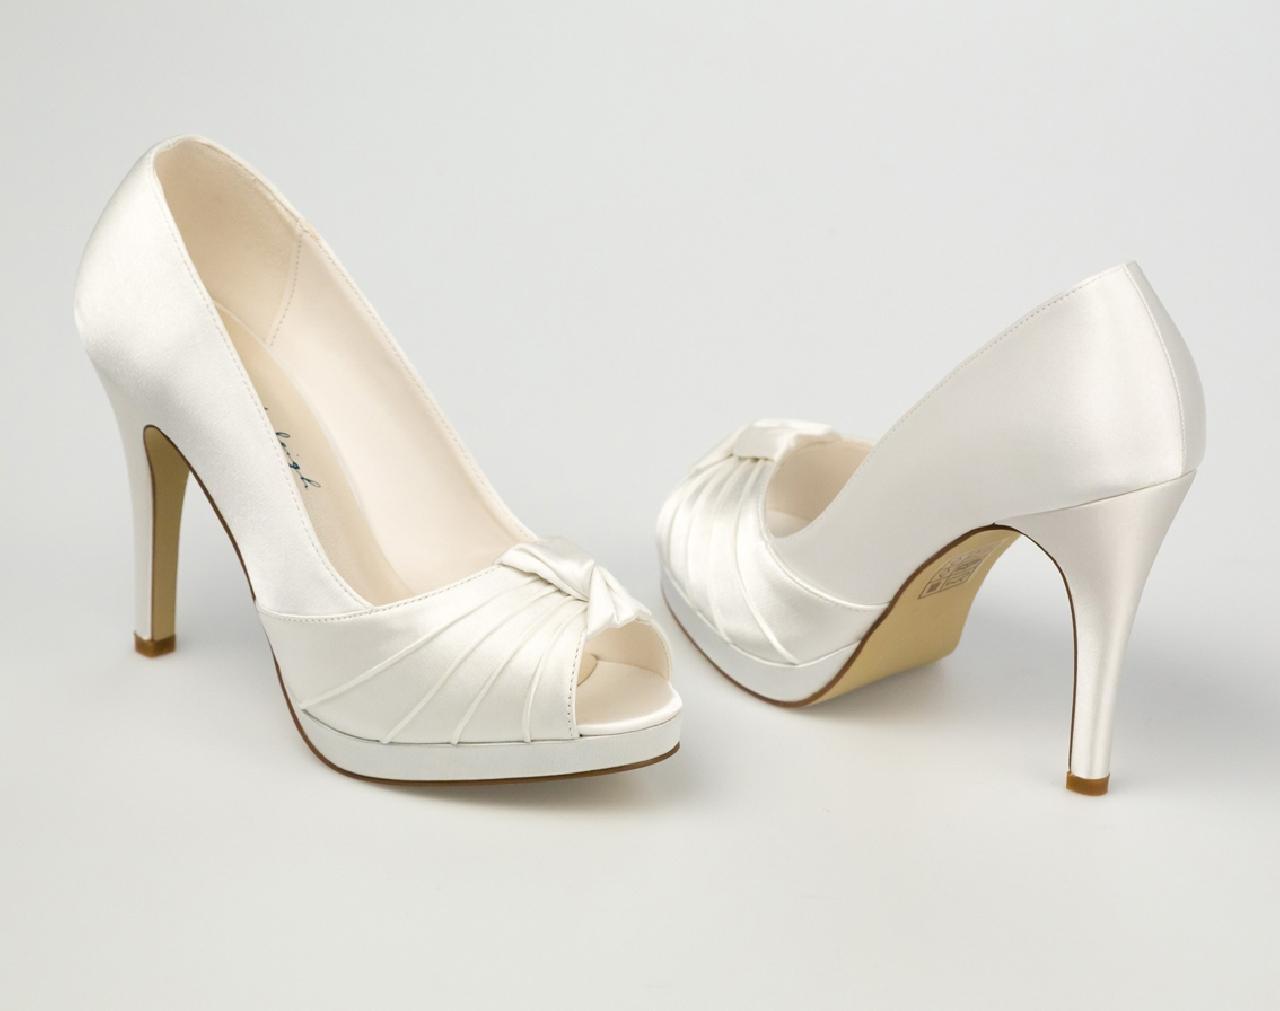 Svadobné topánky Gina, G. Westerleigh - Obrázok č. 1